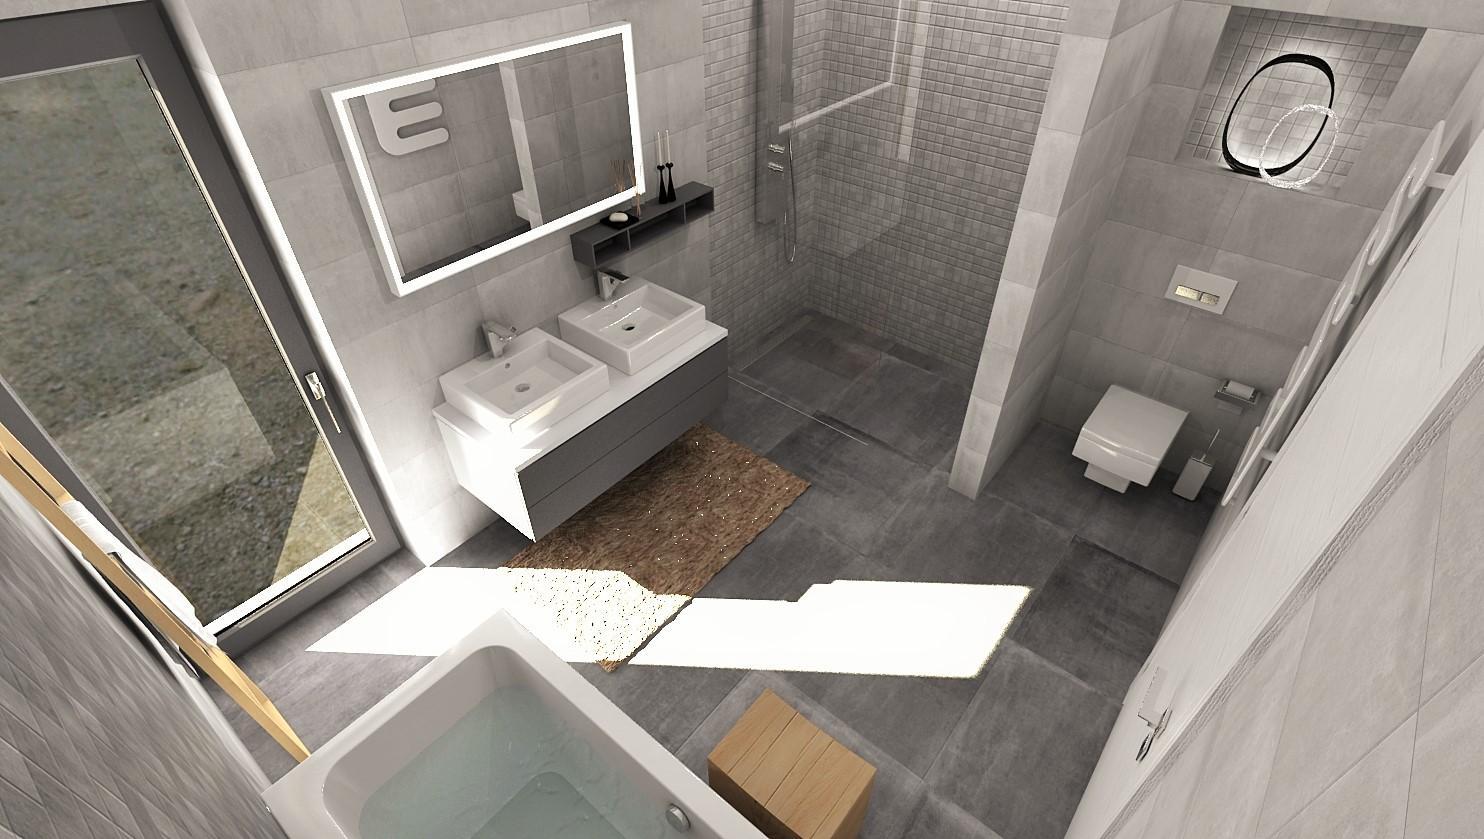 Návrhy a vizualizácie kúpeľní - Obrázok č. 72